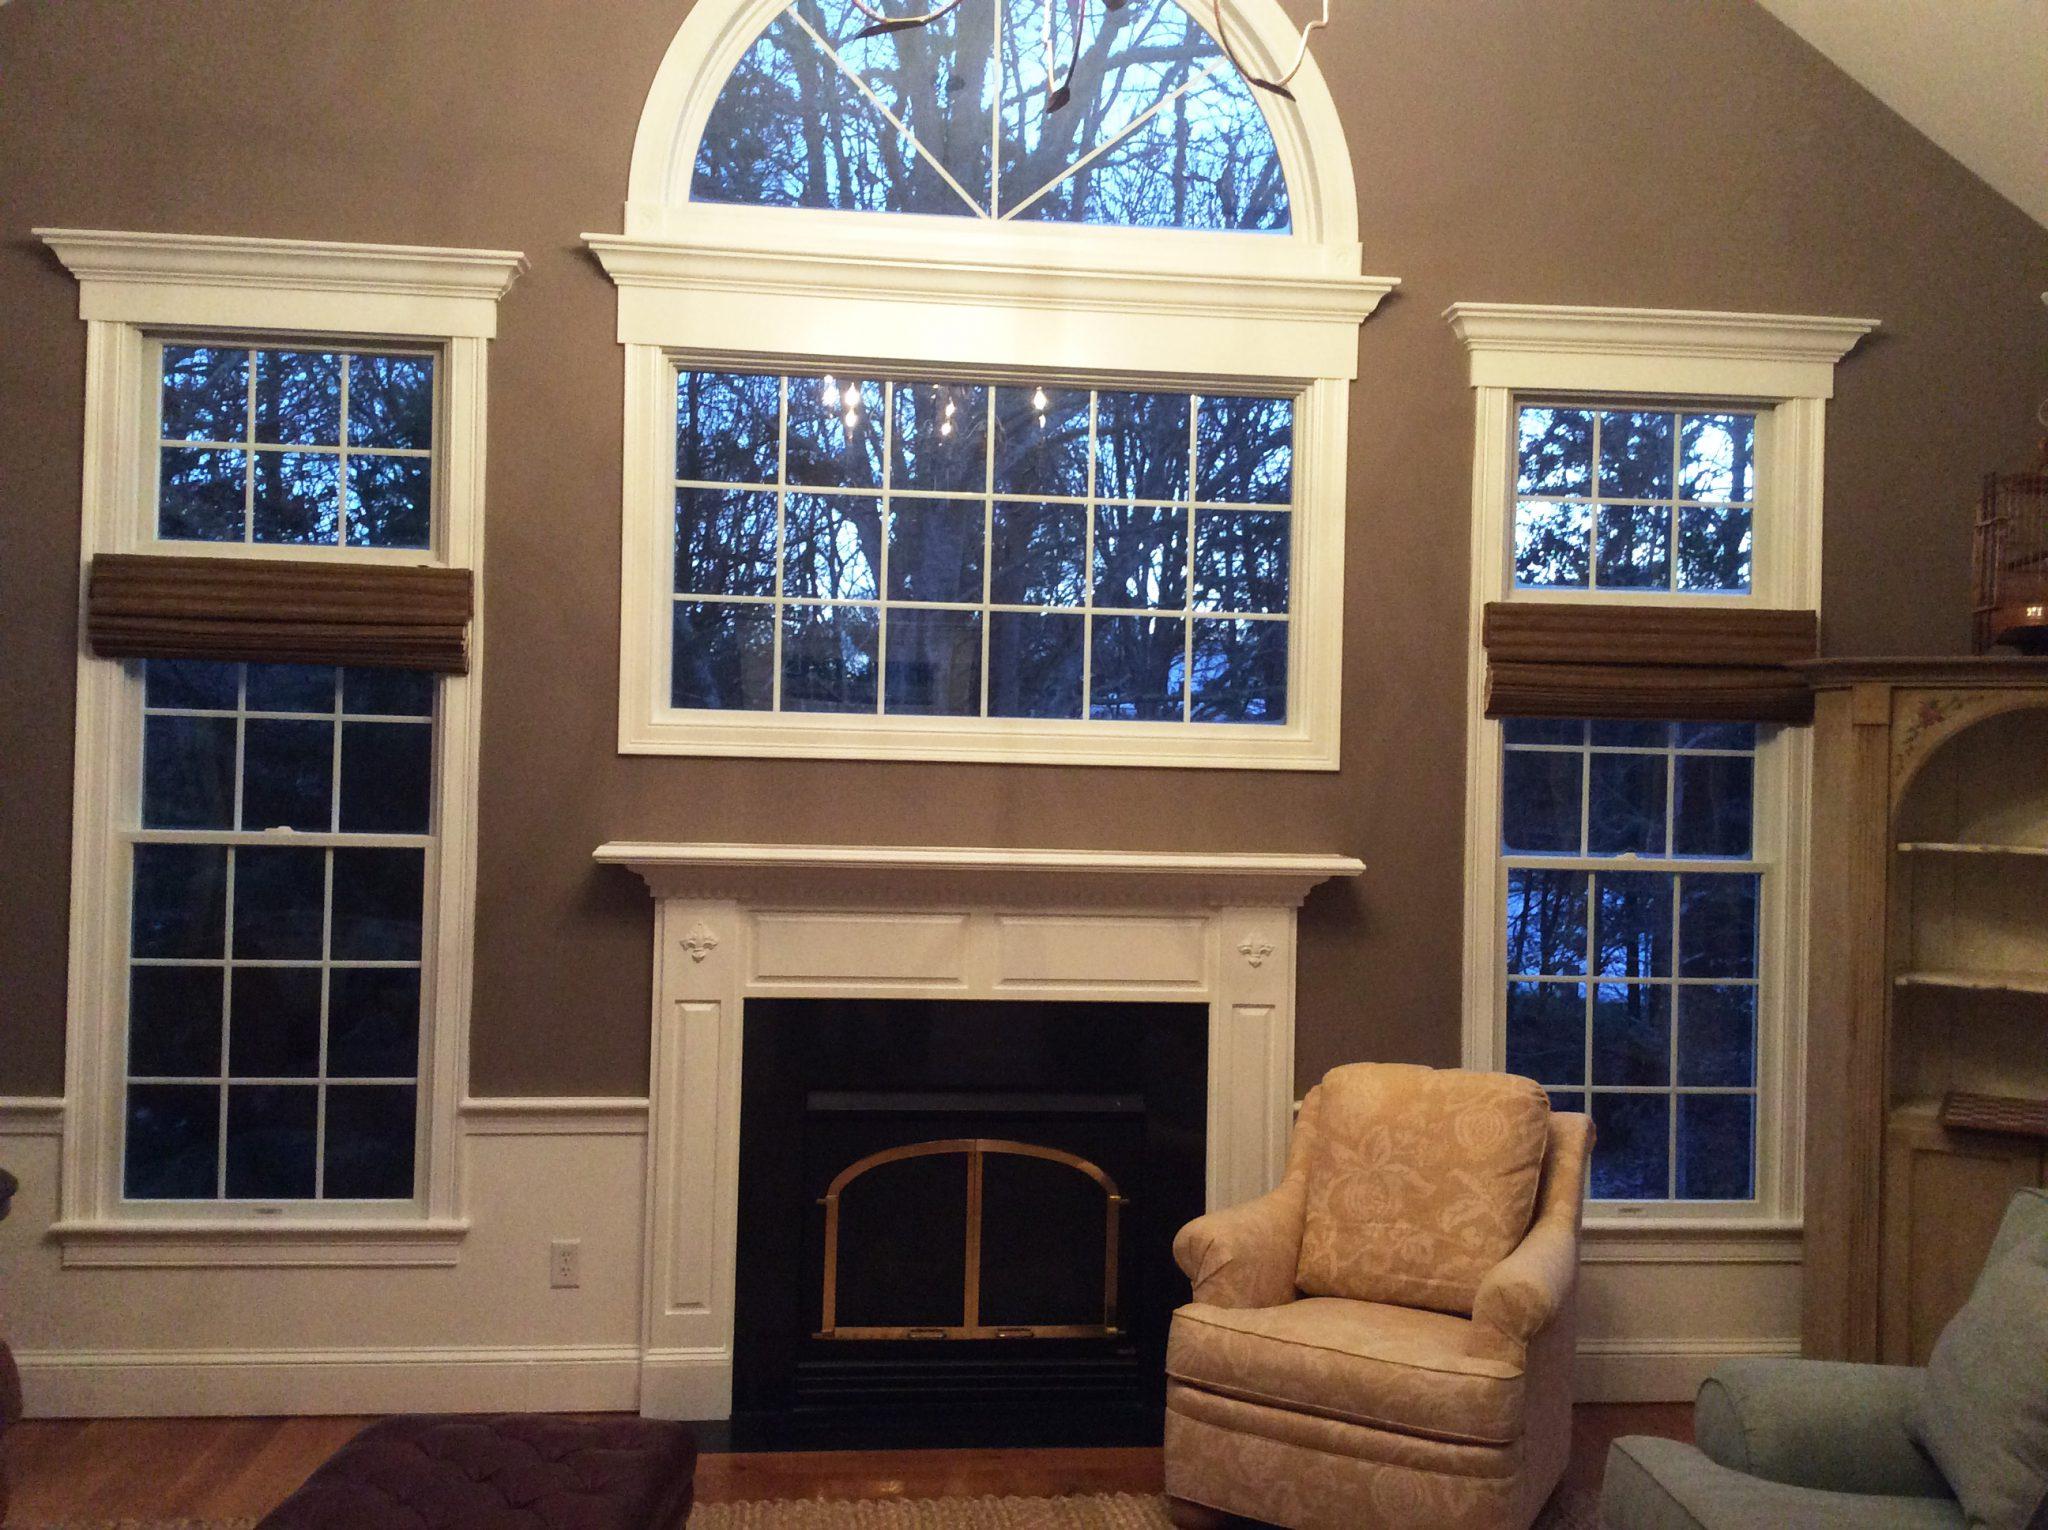 Interior Painted Brightened - Interior Residential